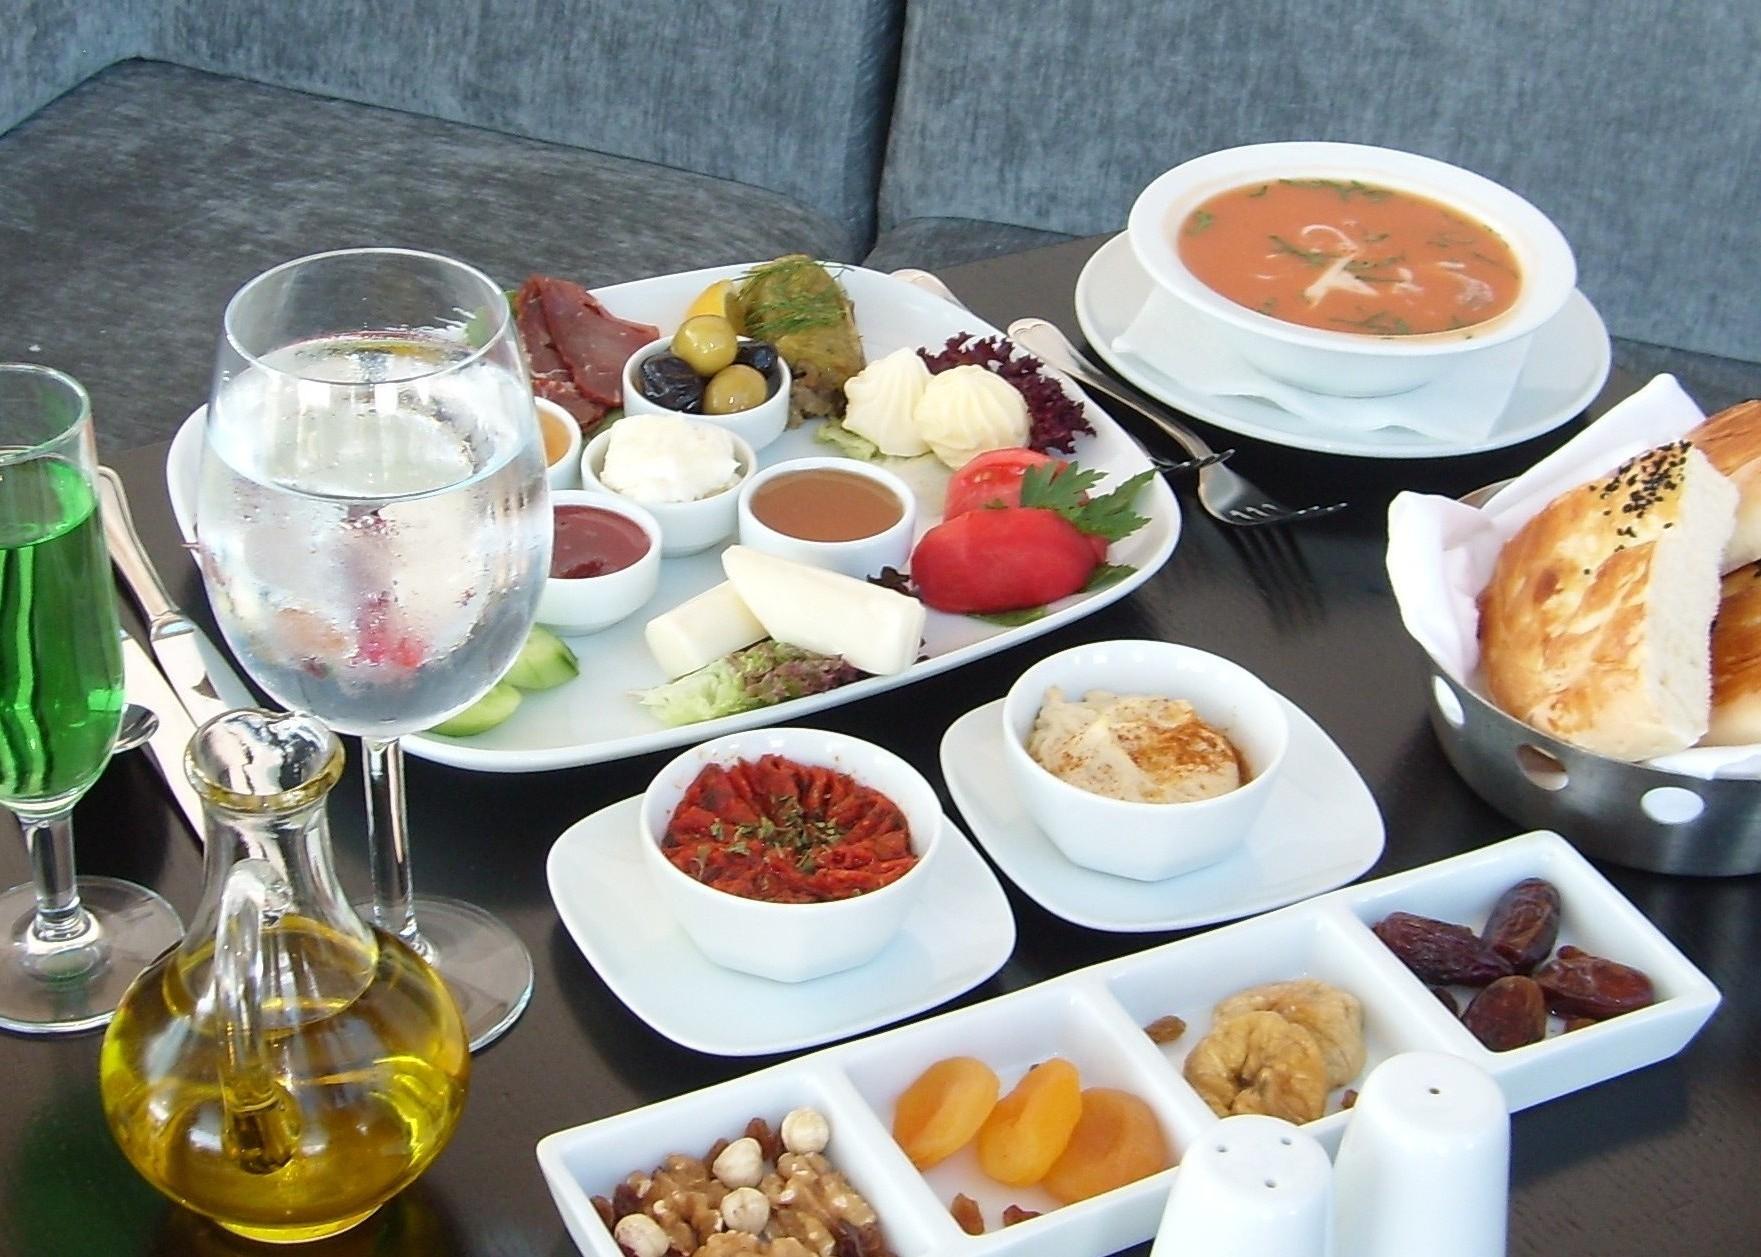 Ramazanda İftar ve Sahurda Beslenme İpuçları